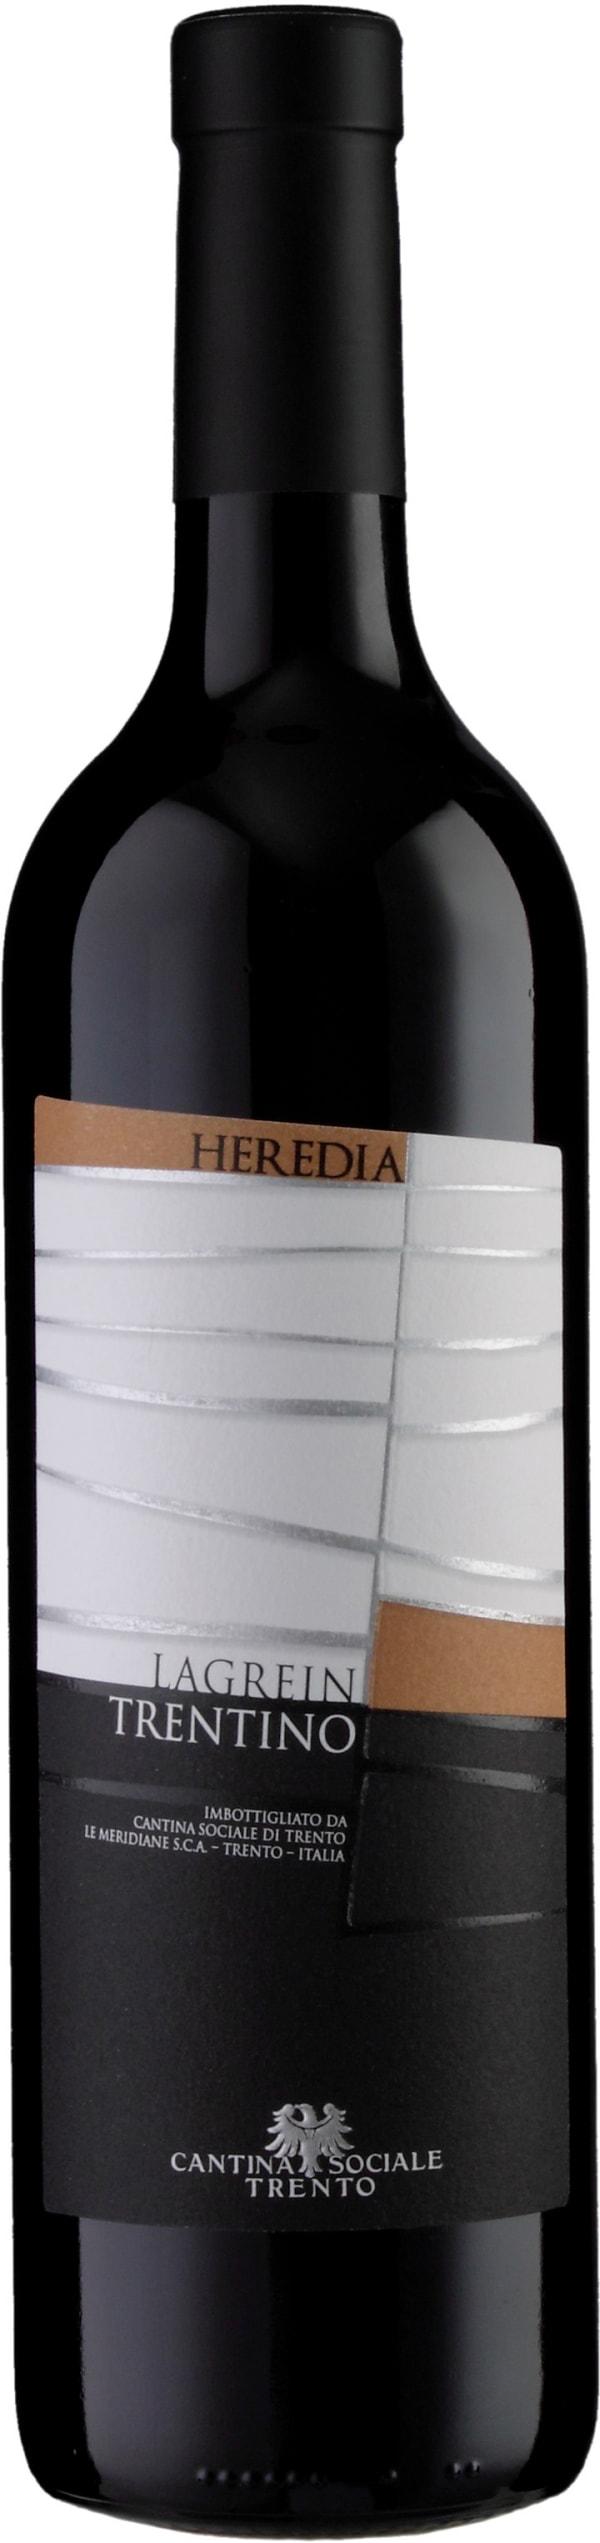 Heredia Lagrein 2018